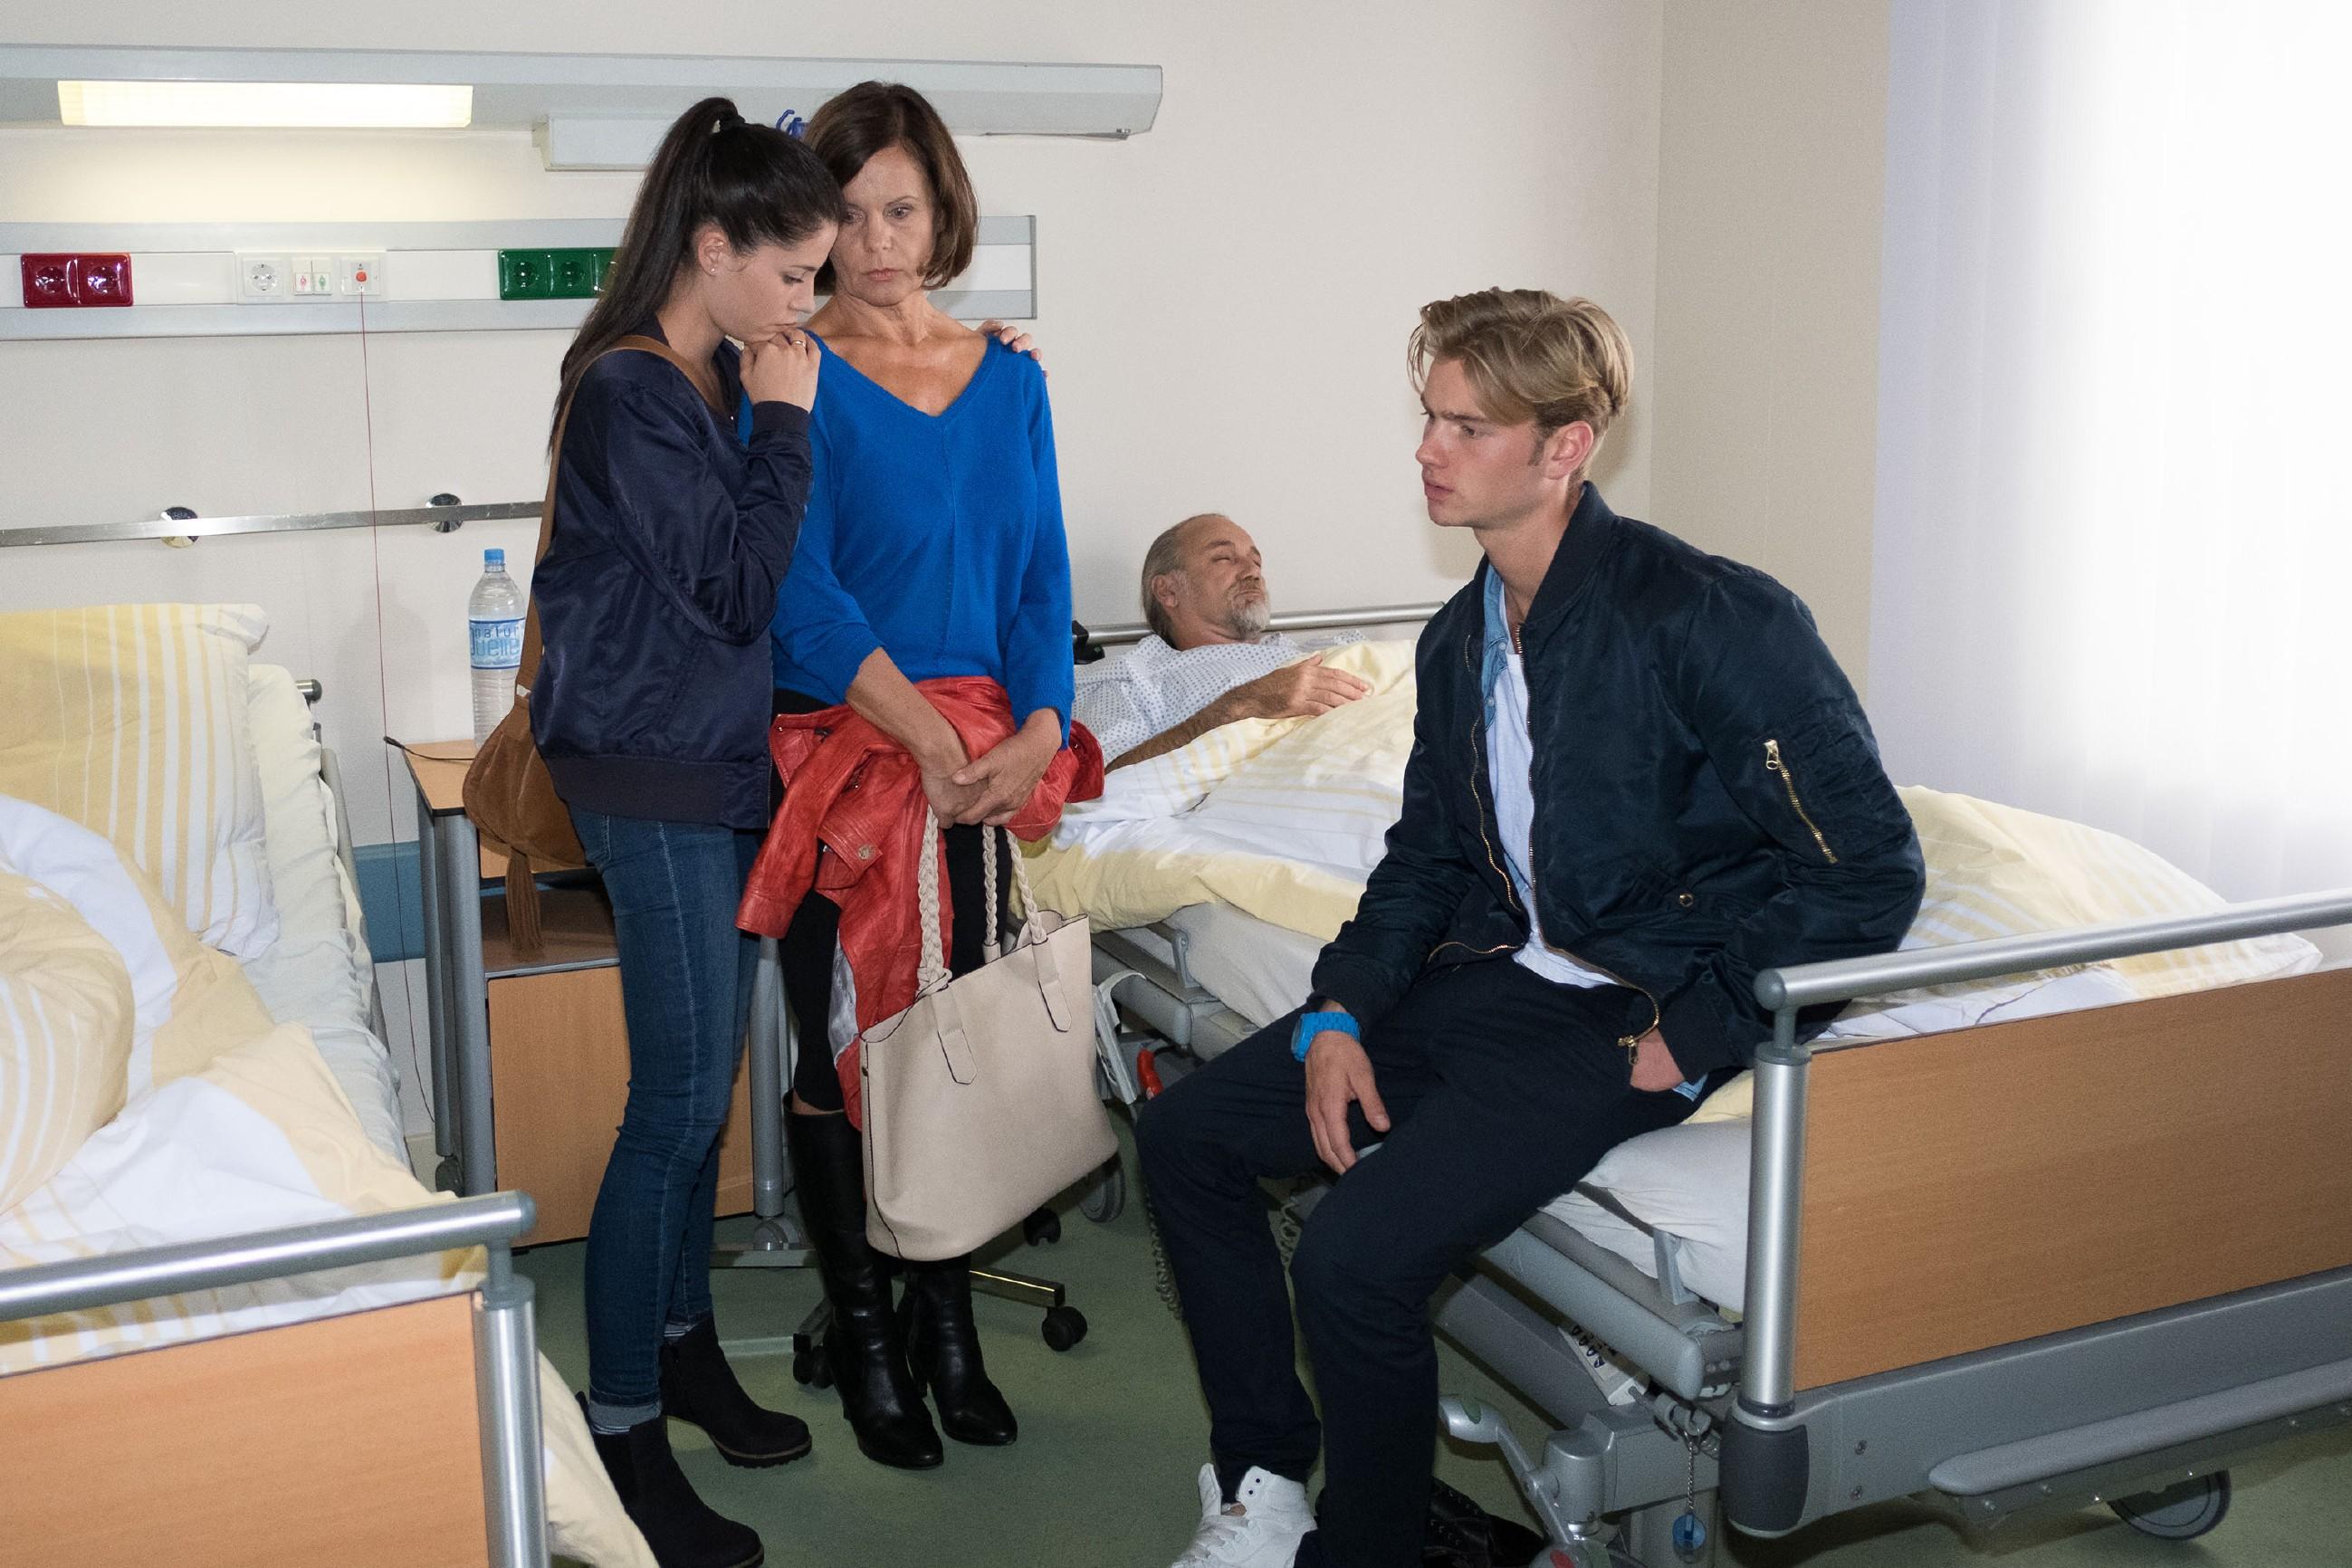 Während Sina (Valea Katharina Scalabrino, l.) sich um Irene (Petra Blossey) kümmert, die wegen Roberts (Luca Maric) anstehender Operation besorgt ist, wird Valentin (Aaron Koszuta, r.) weiterhin von Schuldgefühlen geplagt. (Quelle: RTL / Stefan Behrens)